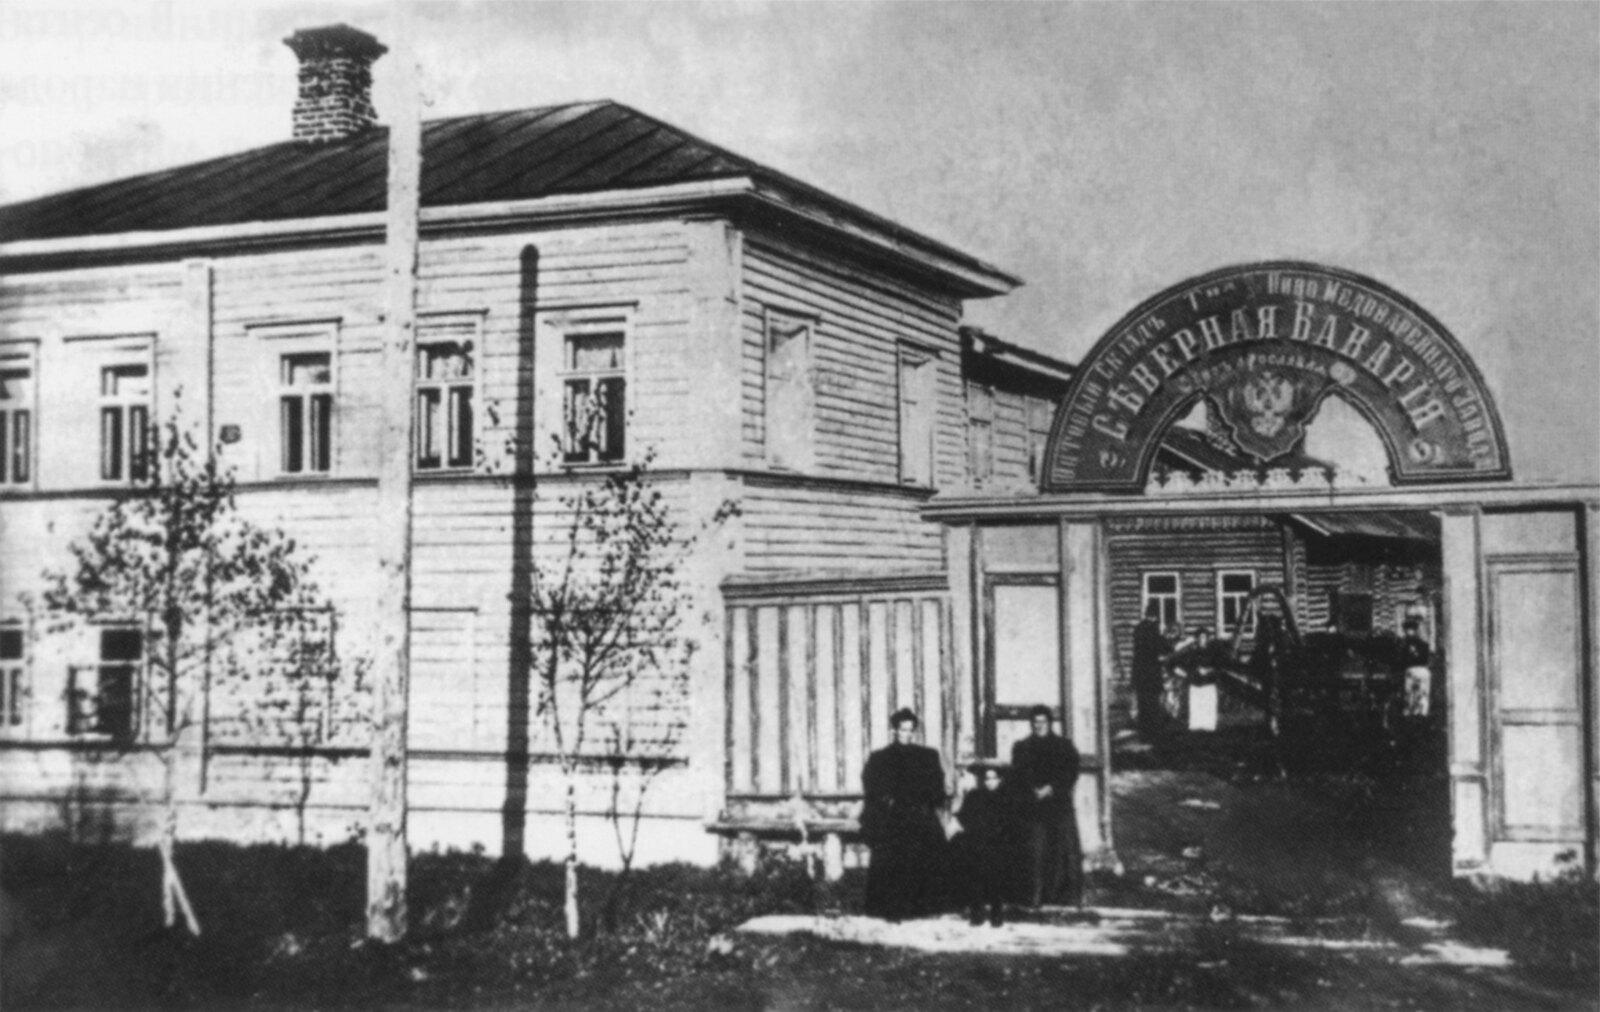 Оптовый склад Товарищества пиво-медоваренного завода «Северная Бавария».